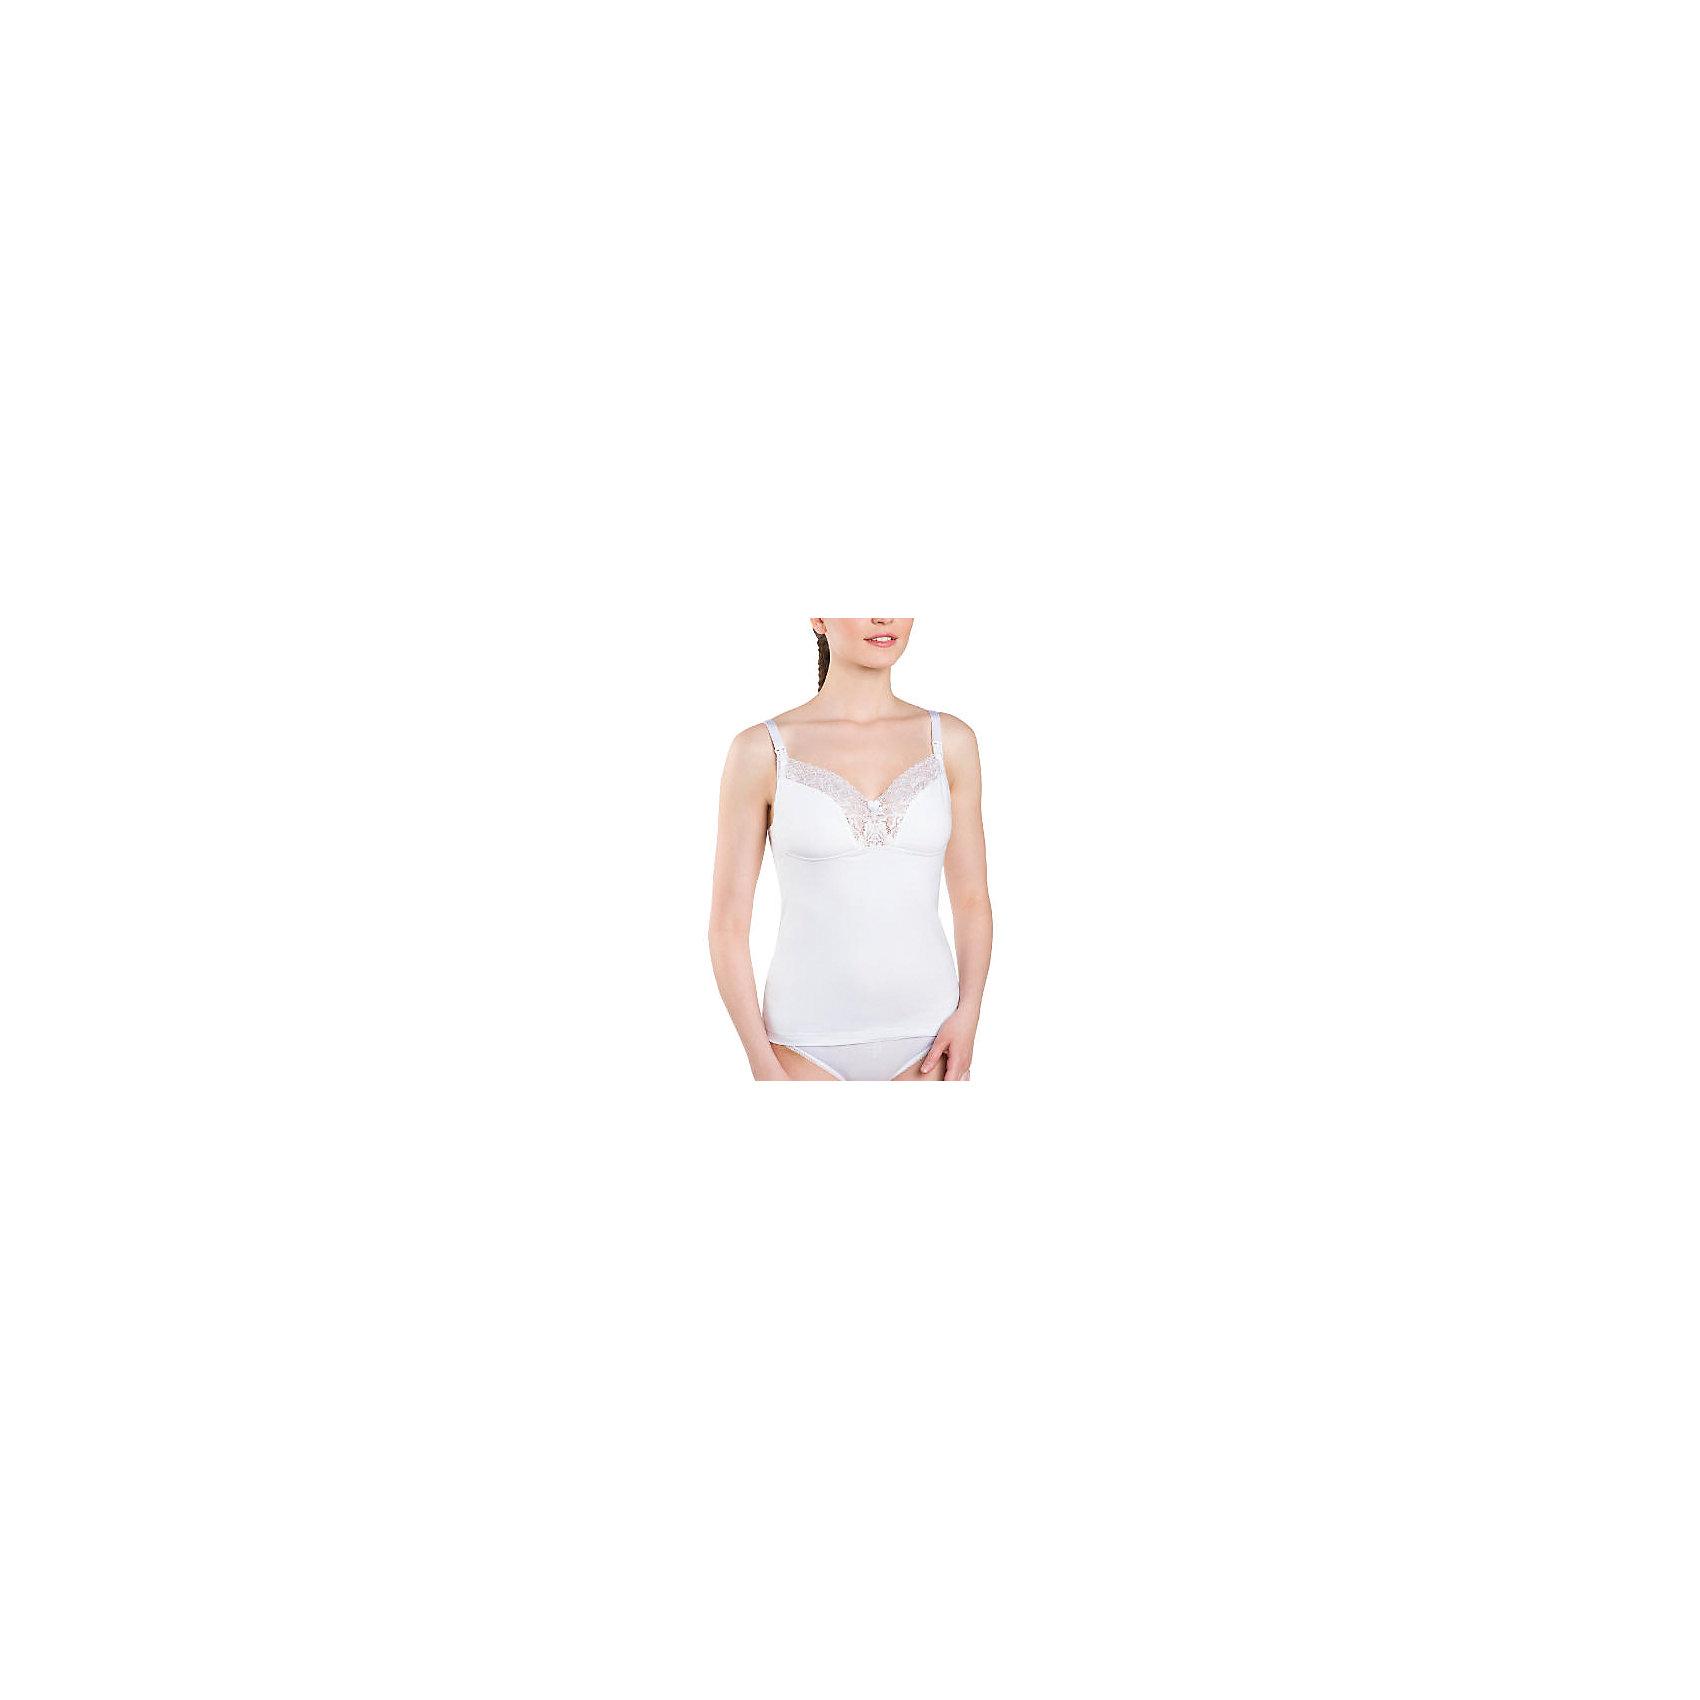 Сорочка для беременных и кормящих ФЭСТНижнее белье<br>Майка ФЭСТ для кормящих женщин рекомендована Российским обществом акушеров-гинекологов.<br>Регулируемые бретели из эластичной тесьмы позволяют выбрать наиболее удобное положение.<br>Специальный крой и глубокое декольте майки придают груди красивую форму.<br>Удобно носить впитывающие прокладки для груди.<br>Майка выполнена из нежного хлопкового полотна и украшена кружевом.<br><br><br>Состав: хлопок-95%, эластан -5%<br><br>Ширина мм: 281<br>Глубина мм: 70<br>Высота мм: 188<br>Вес г: 295<br>Цвет: белый<br>Возраст от месяцев: 0<br>Возраст до месяцев: 1188<br>Пол: Женский<br>Возраст: Детский<br>Размер: 50,46,48<br>SKU: 4917591